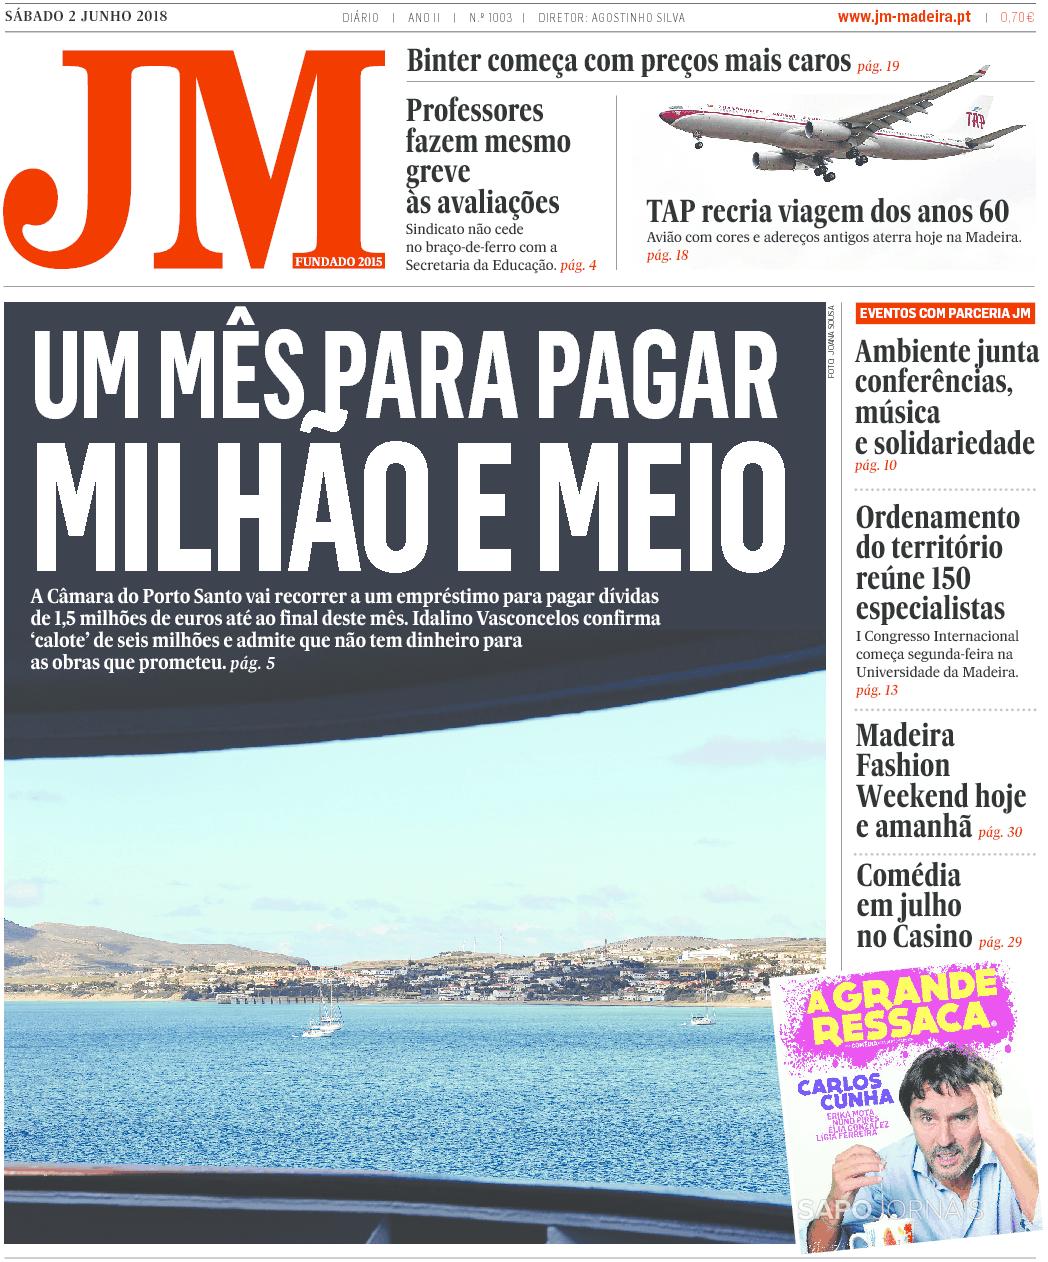 Jornal da Madeira (2 jun 2018) - Jornais e Revistas - SAPO 24